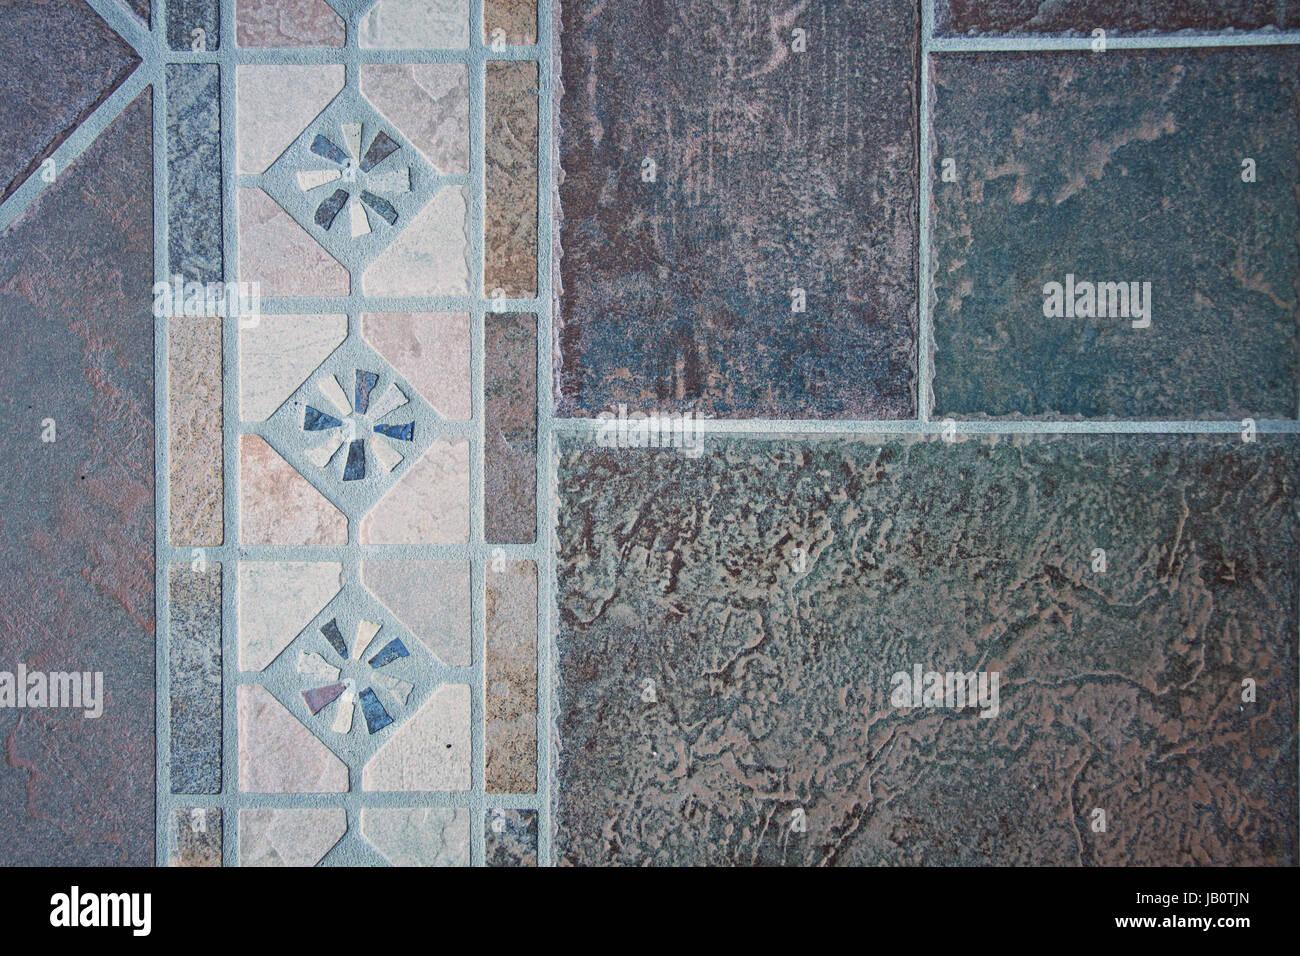 Fußboden Fliesen Mosaik ~ Glänzende bad fliesen von atlas concorde italienische eleganz im bad